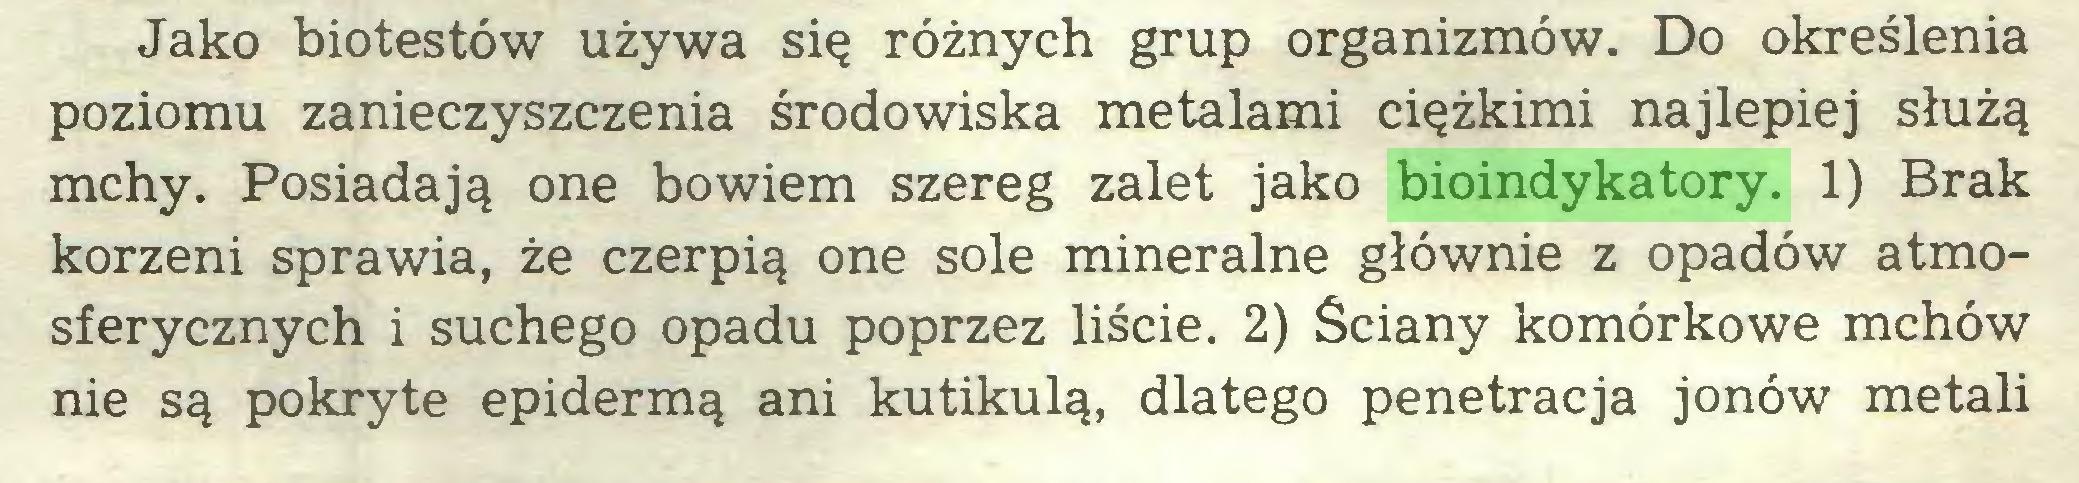 (...) Jako biotestów używa się różnych grup organizmów. Do określenia poziomu zanieczyszczenia środowiska metalami ciężkimi najlepiej służą mchy. Posiadają one bowiem szereg zalet jako bioindykatory. 1) Brak korzeni sprawia, że czerpią one sole mineralne głównie z opadów atmosferycznych i suchego opadu poprzez liście. 2) Ściany komórkowe mchów nie są pokryte epidermą ani kutikulą, dlatego penetracja jonów metali...